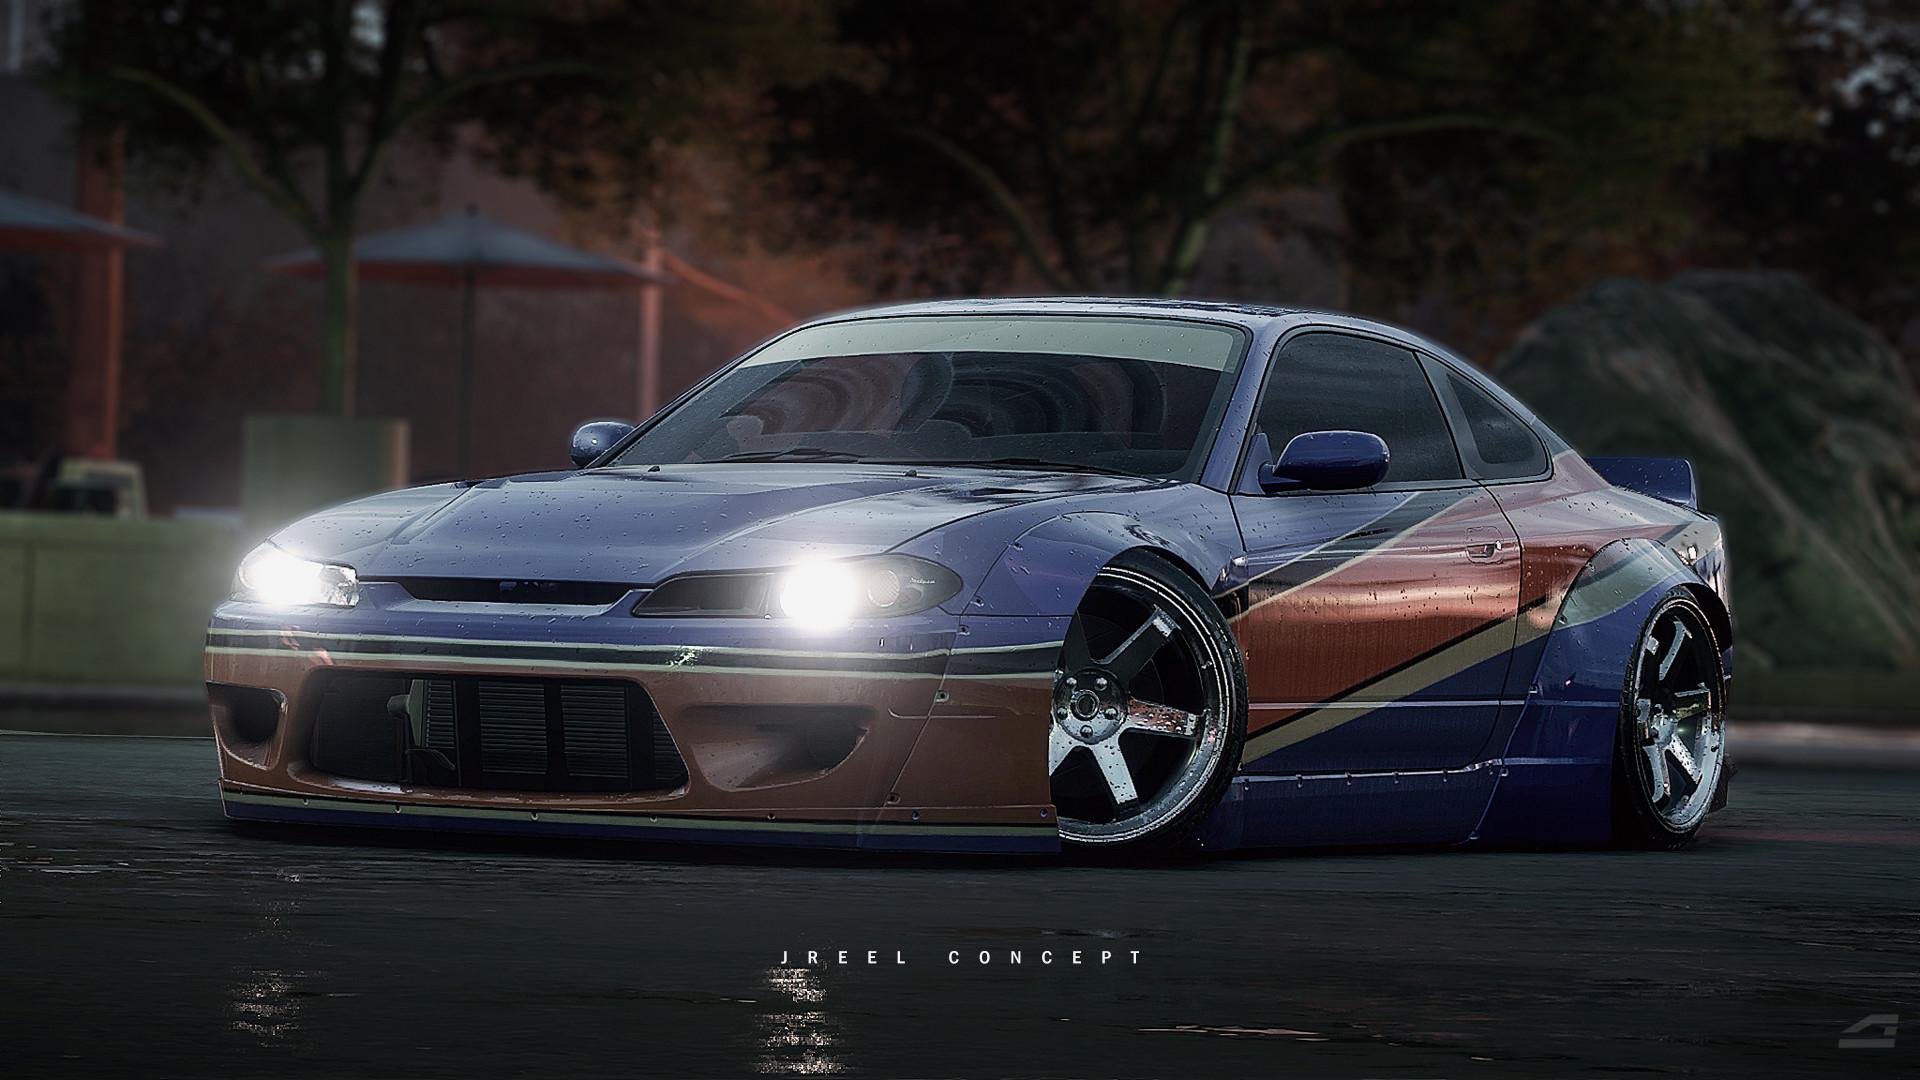 Need For Speed 2015 Fondo De Pantalla Hd Fondo De